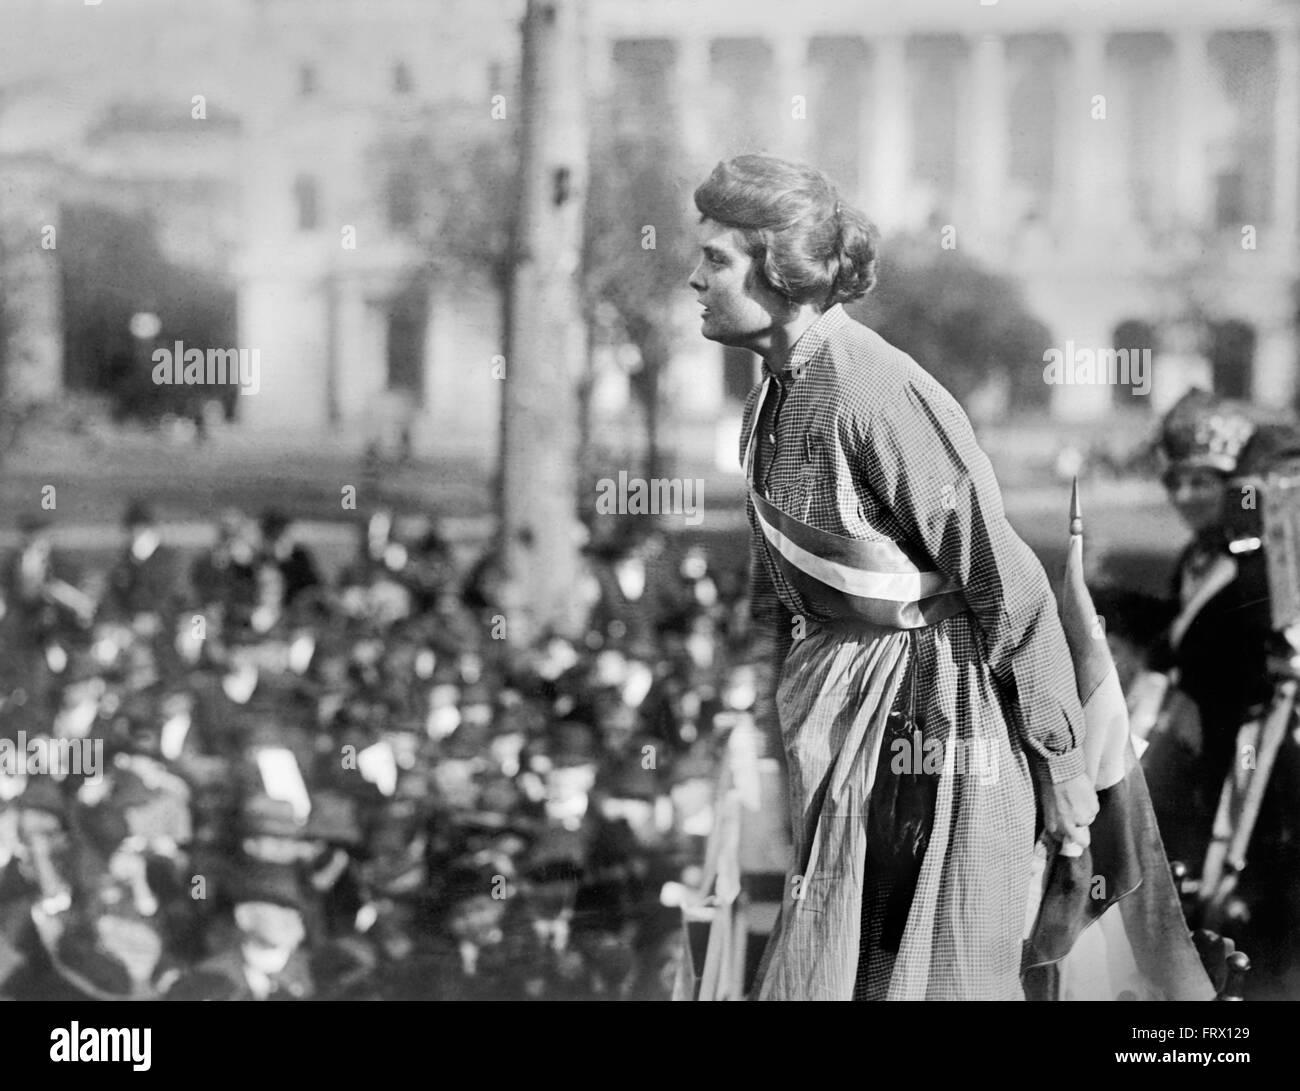 Lucy Gwynne Branham, un americano suffragette e agenda elettronica per la Nazionale Femminile partito, parlando Immagini Stock